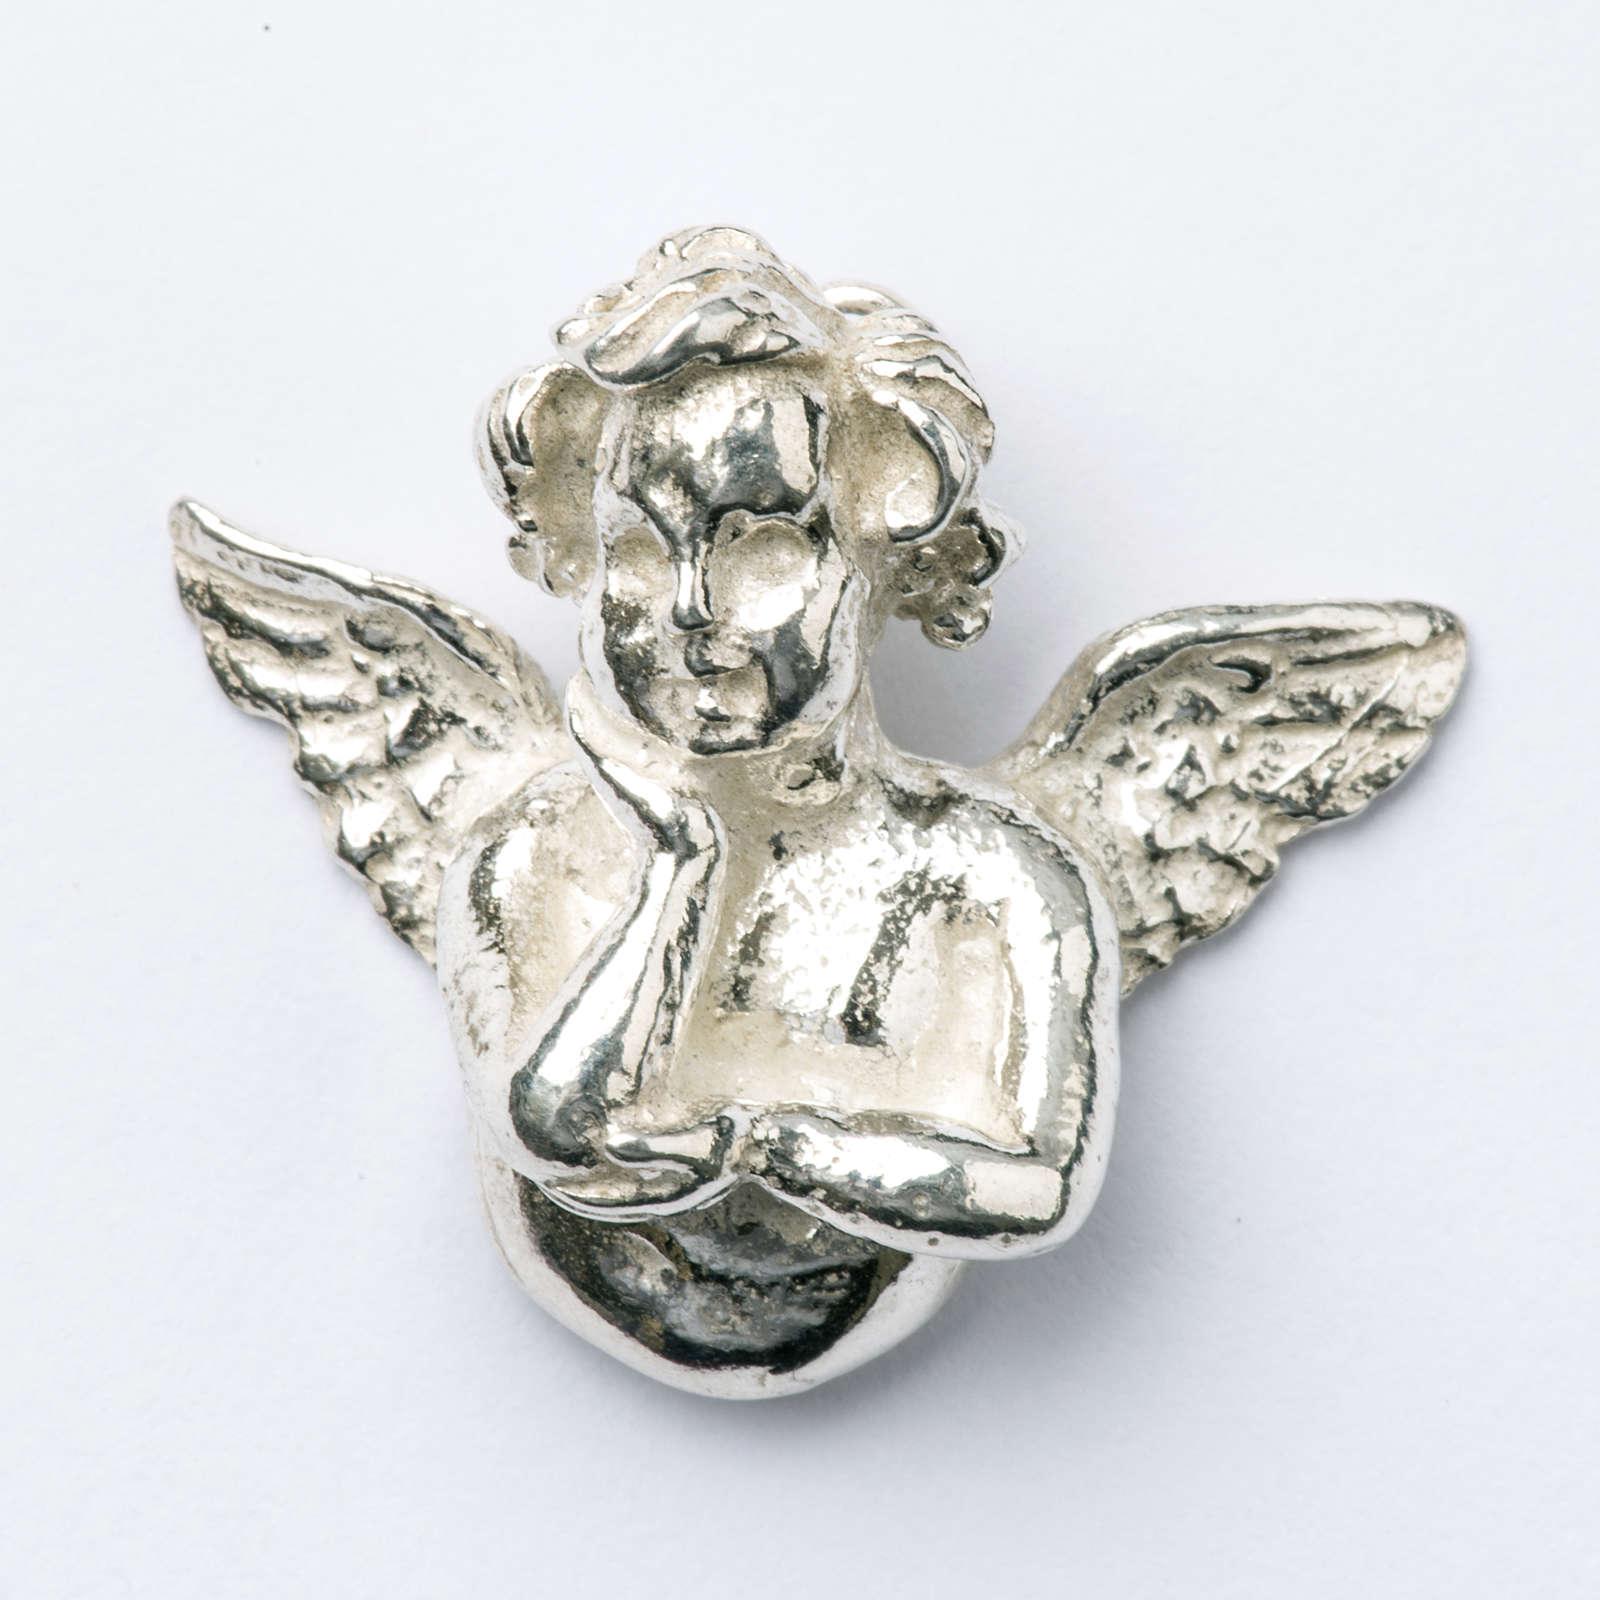 Puttino argento 925 4